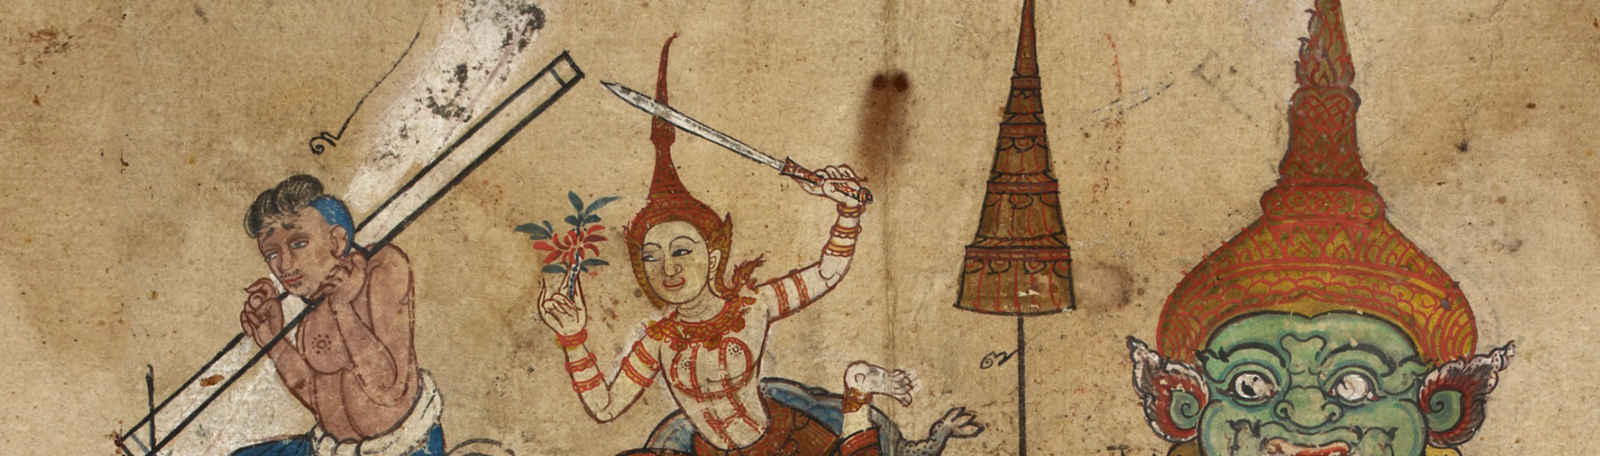 What's my Thai horoscope? - The British Library